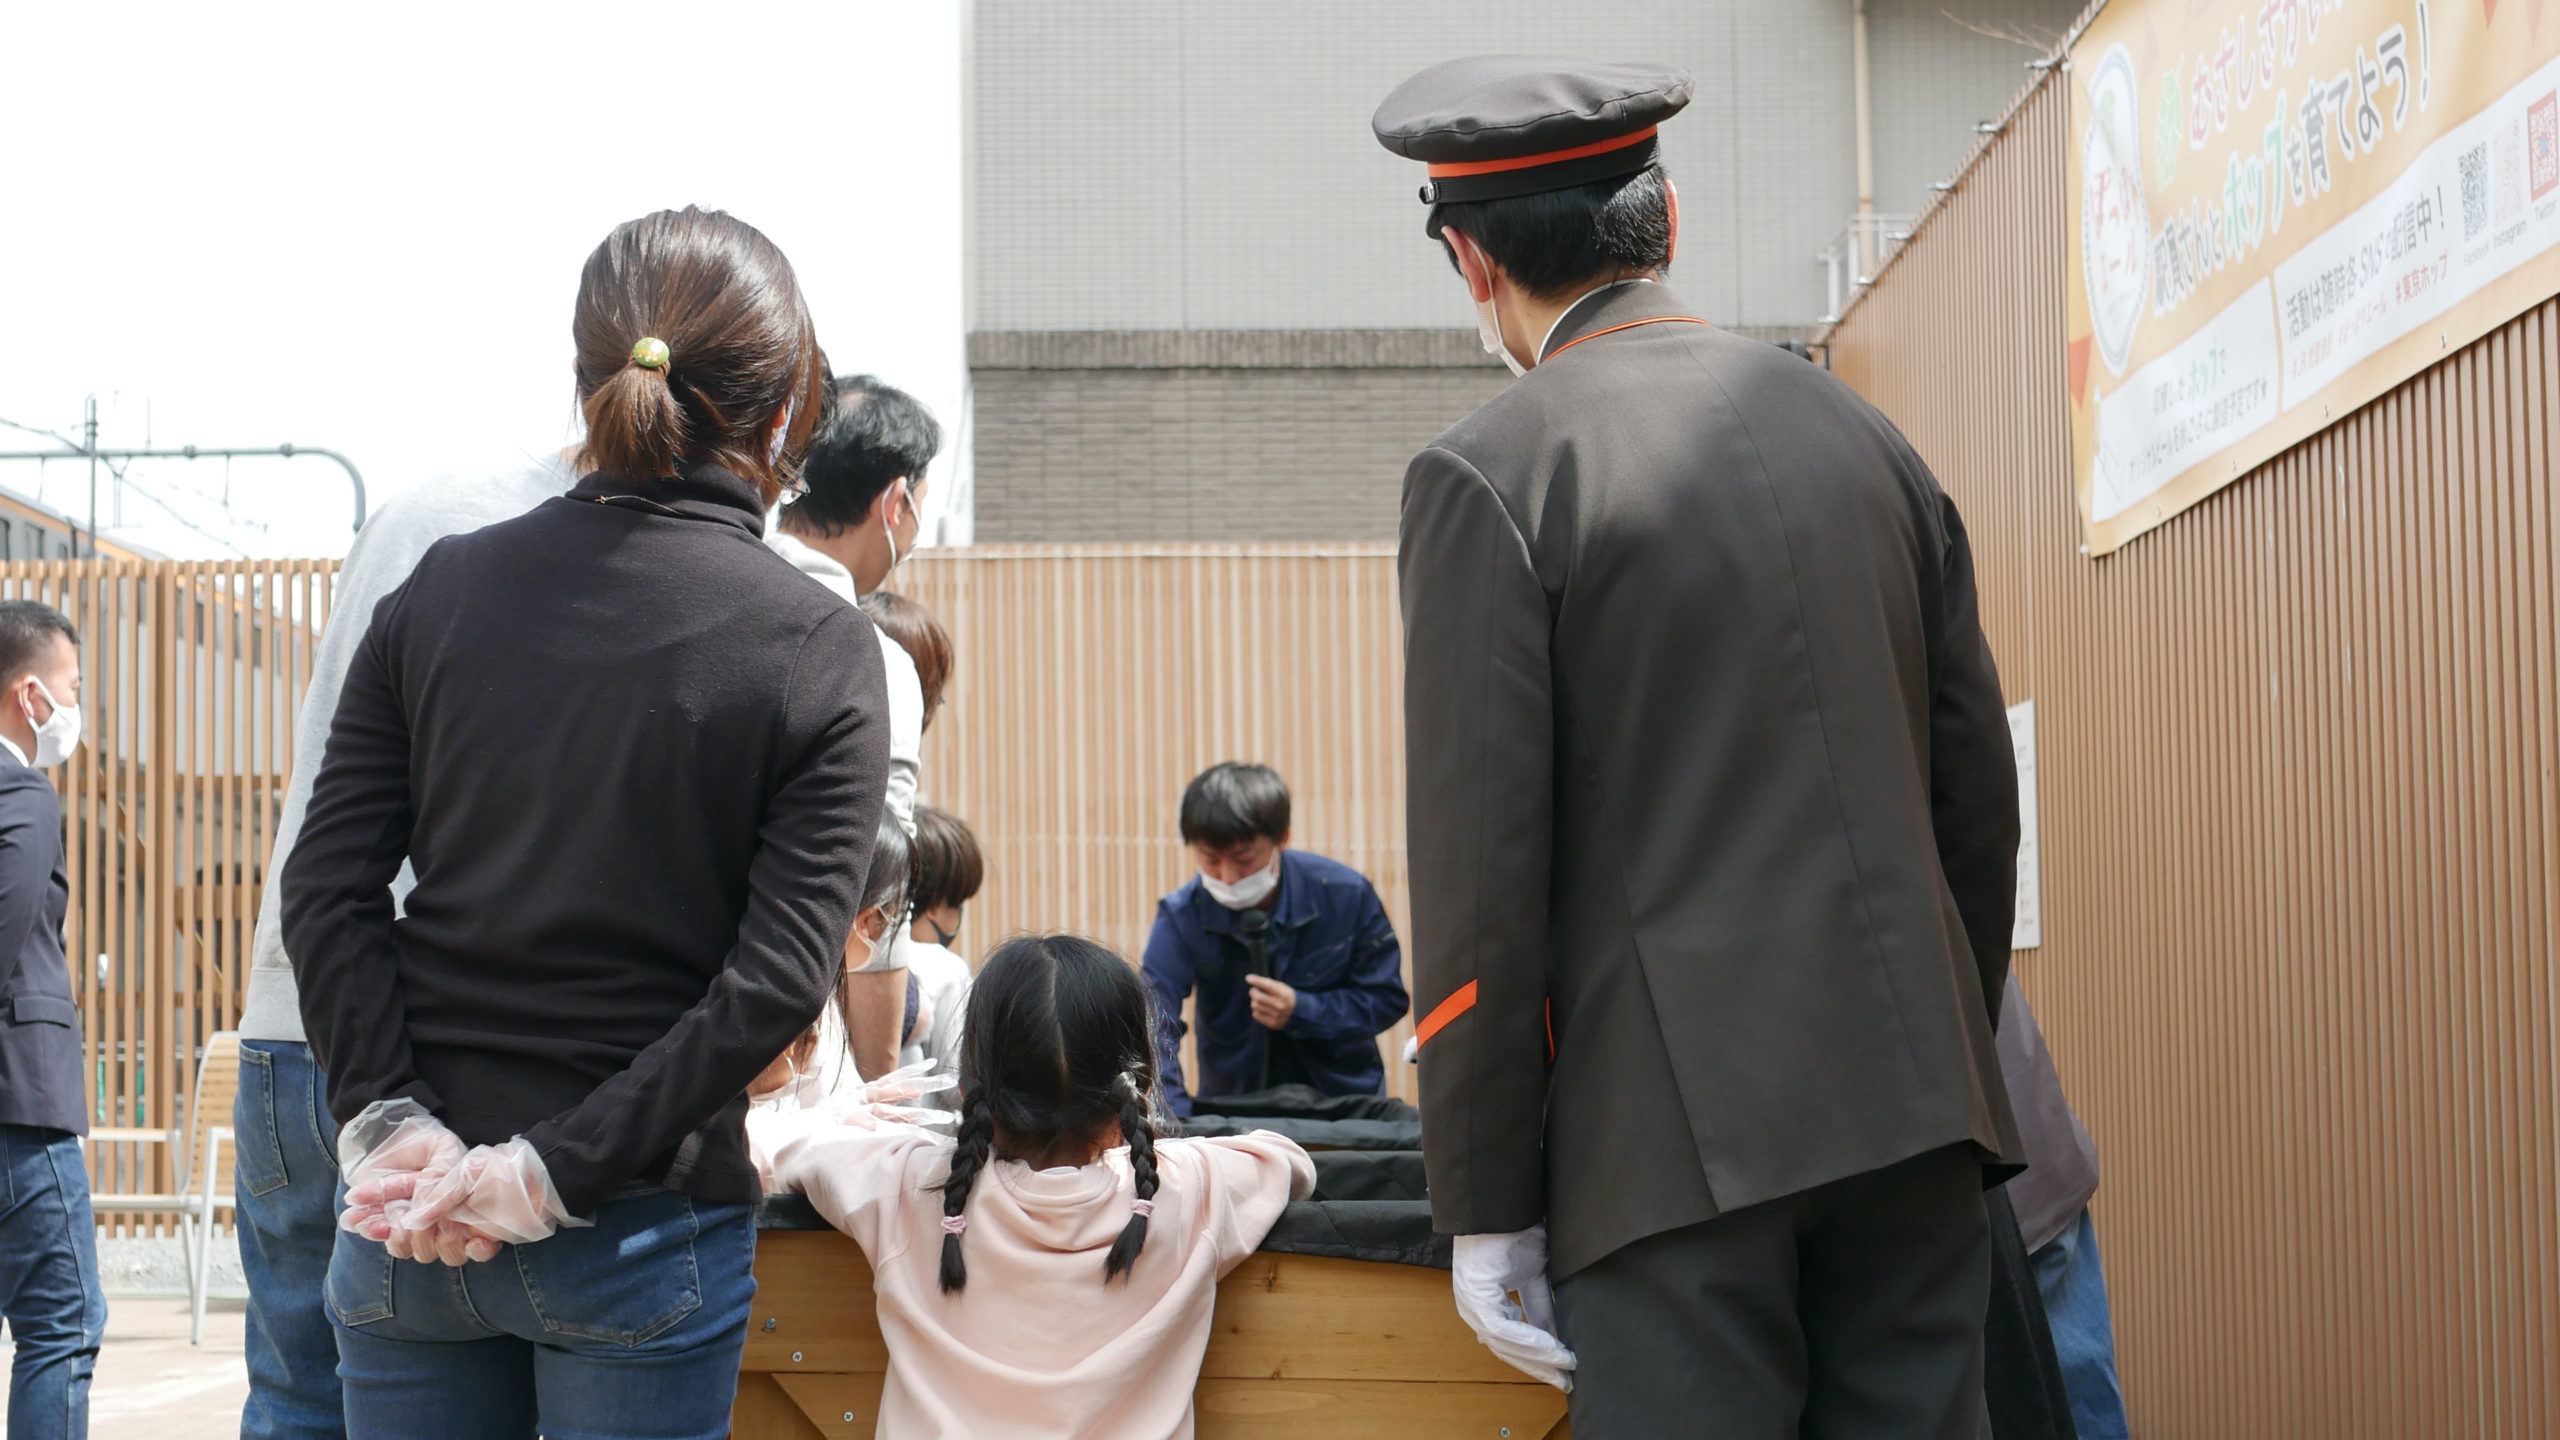 【武蔵境編】JR武蔵境駅でホップ苗植えイベントを開催しました!